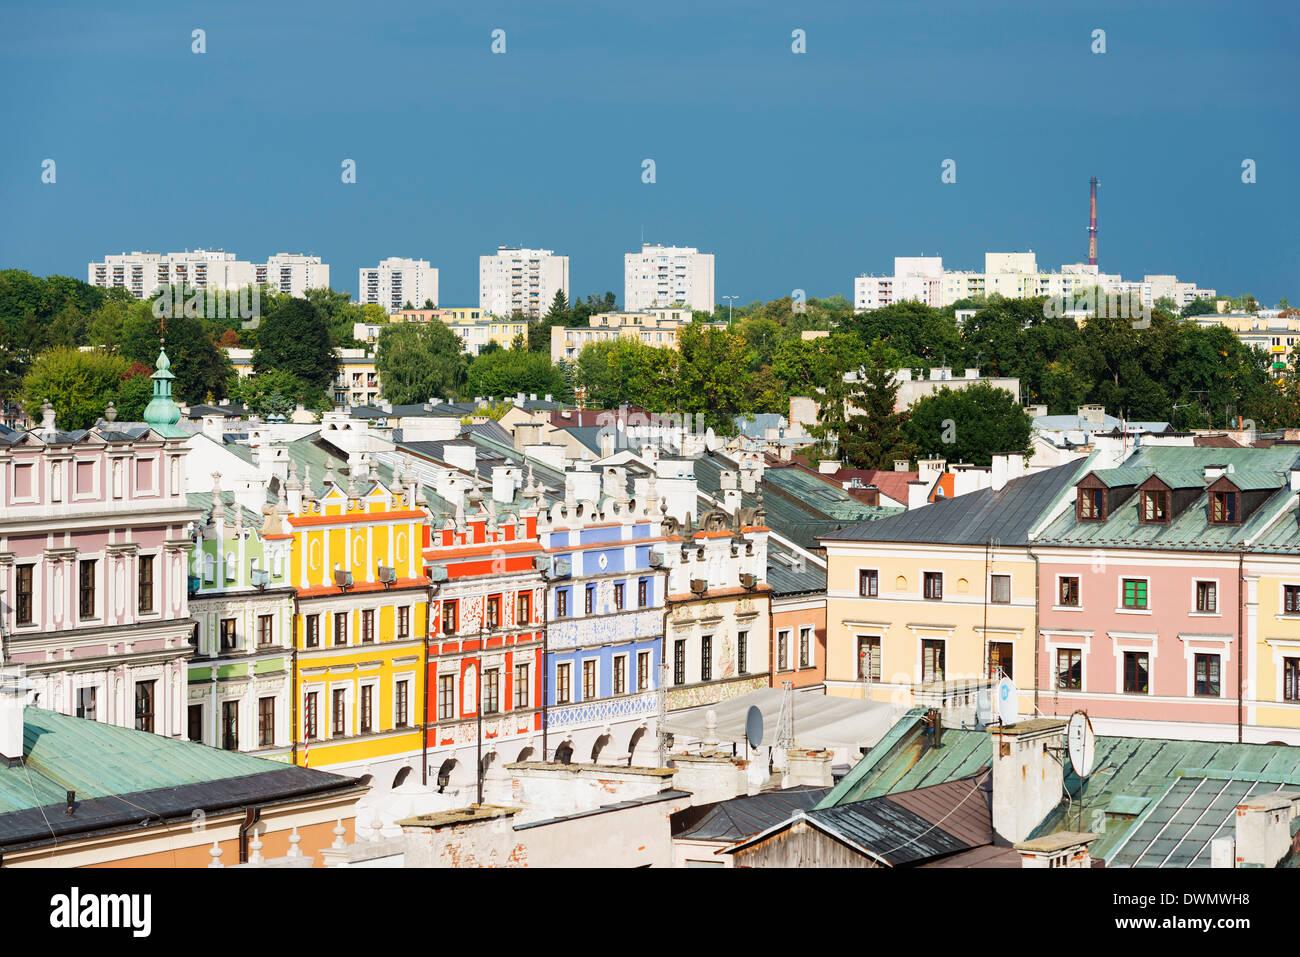 Rynek Wielki, la Piazza della Città Vecchia, il Sito Patrimonio Mondiale dell'UNESCO, Zamosc, Polonia, Immagini Stock